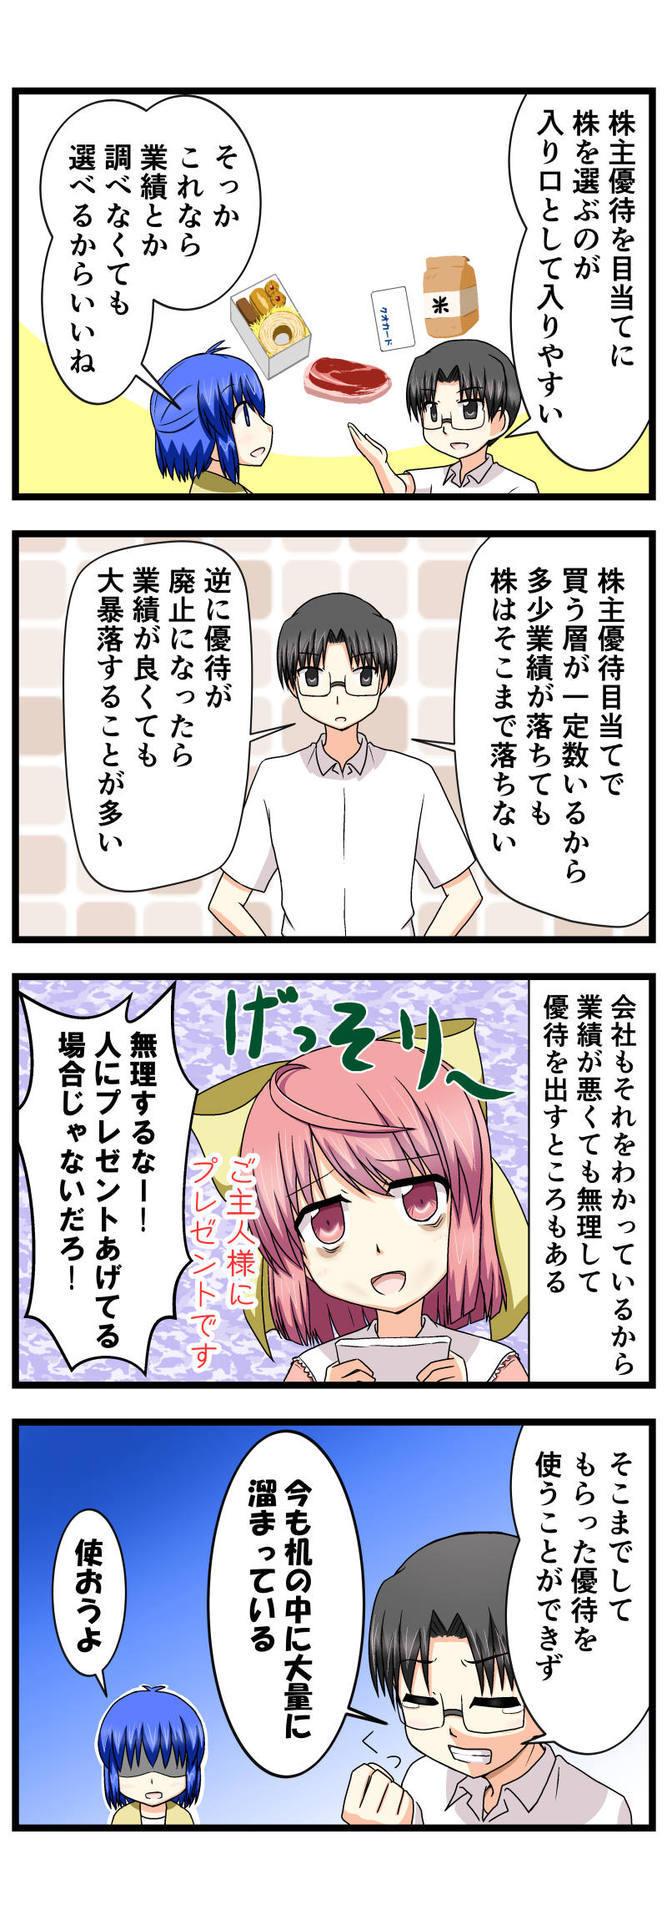 萌える株セミナー41.jpg